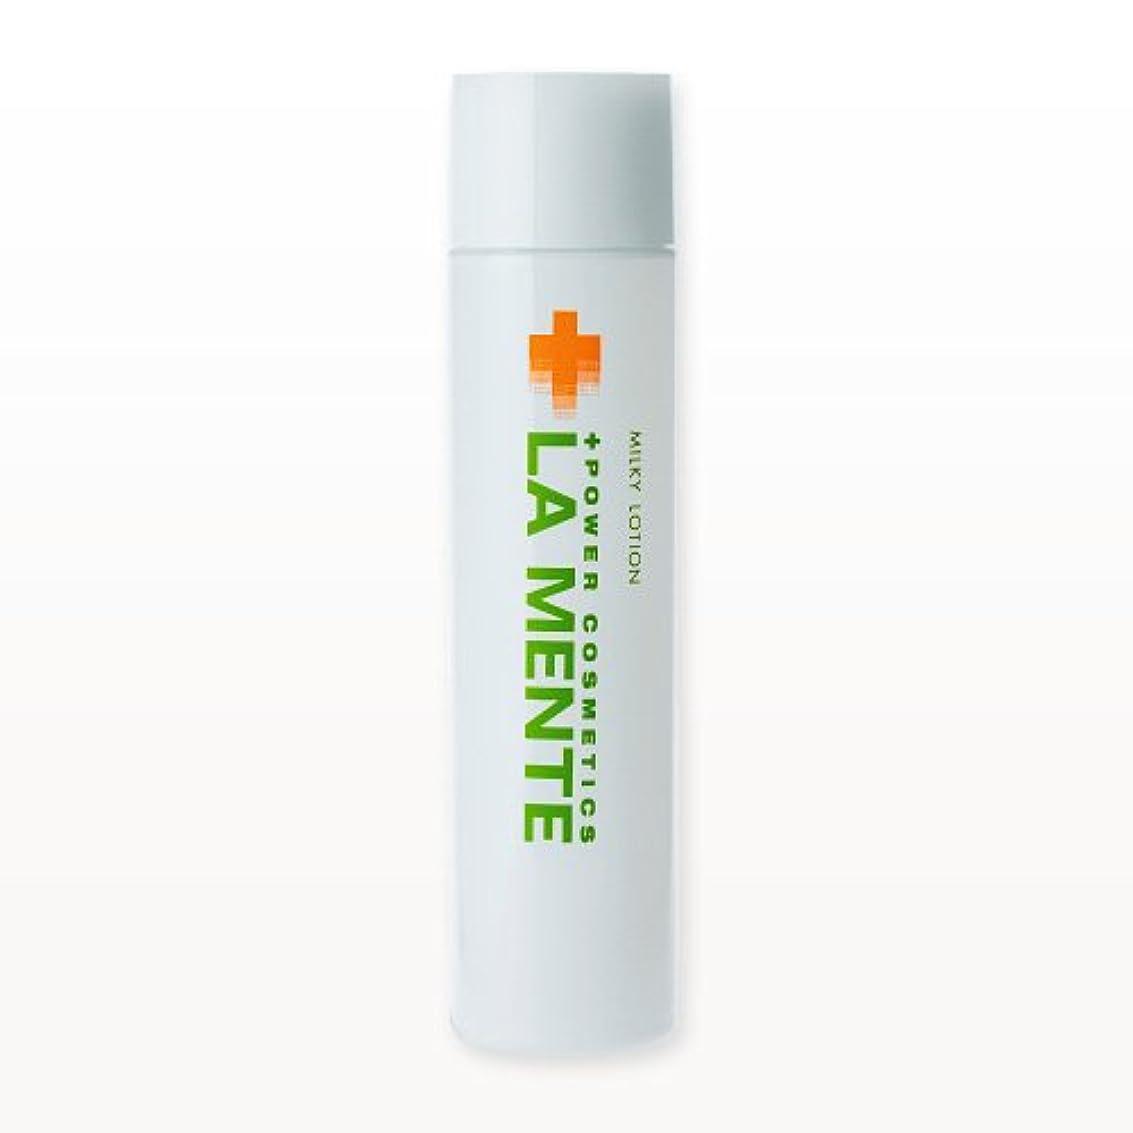 ブラウンなめらかなフレッシュラメンテ(LA MENTE) 薬用 ミルキィローション 150mL 美白&保湿ローション